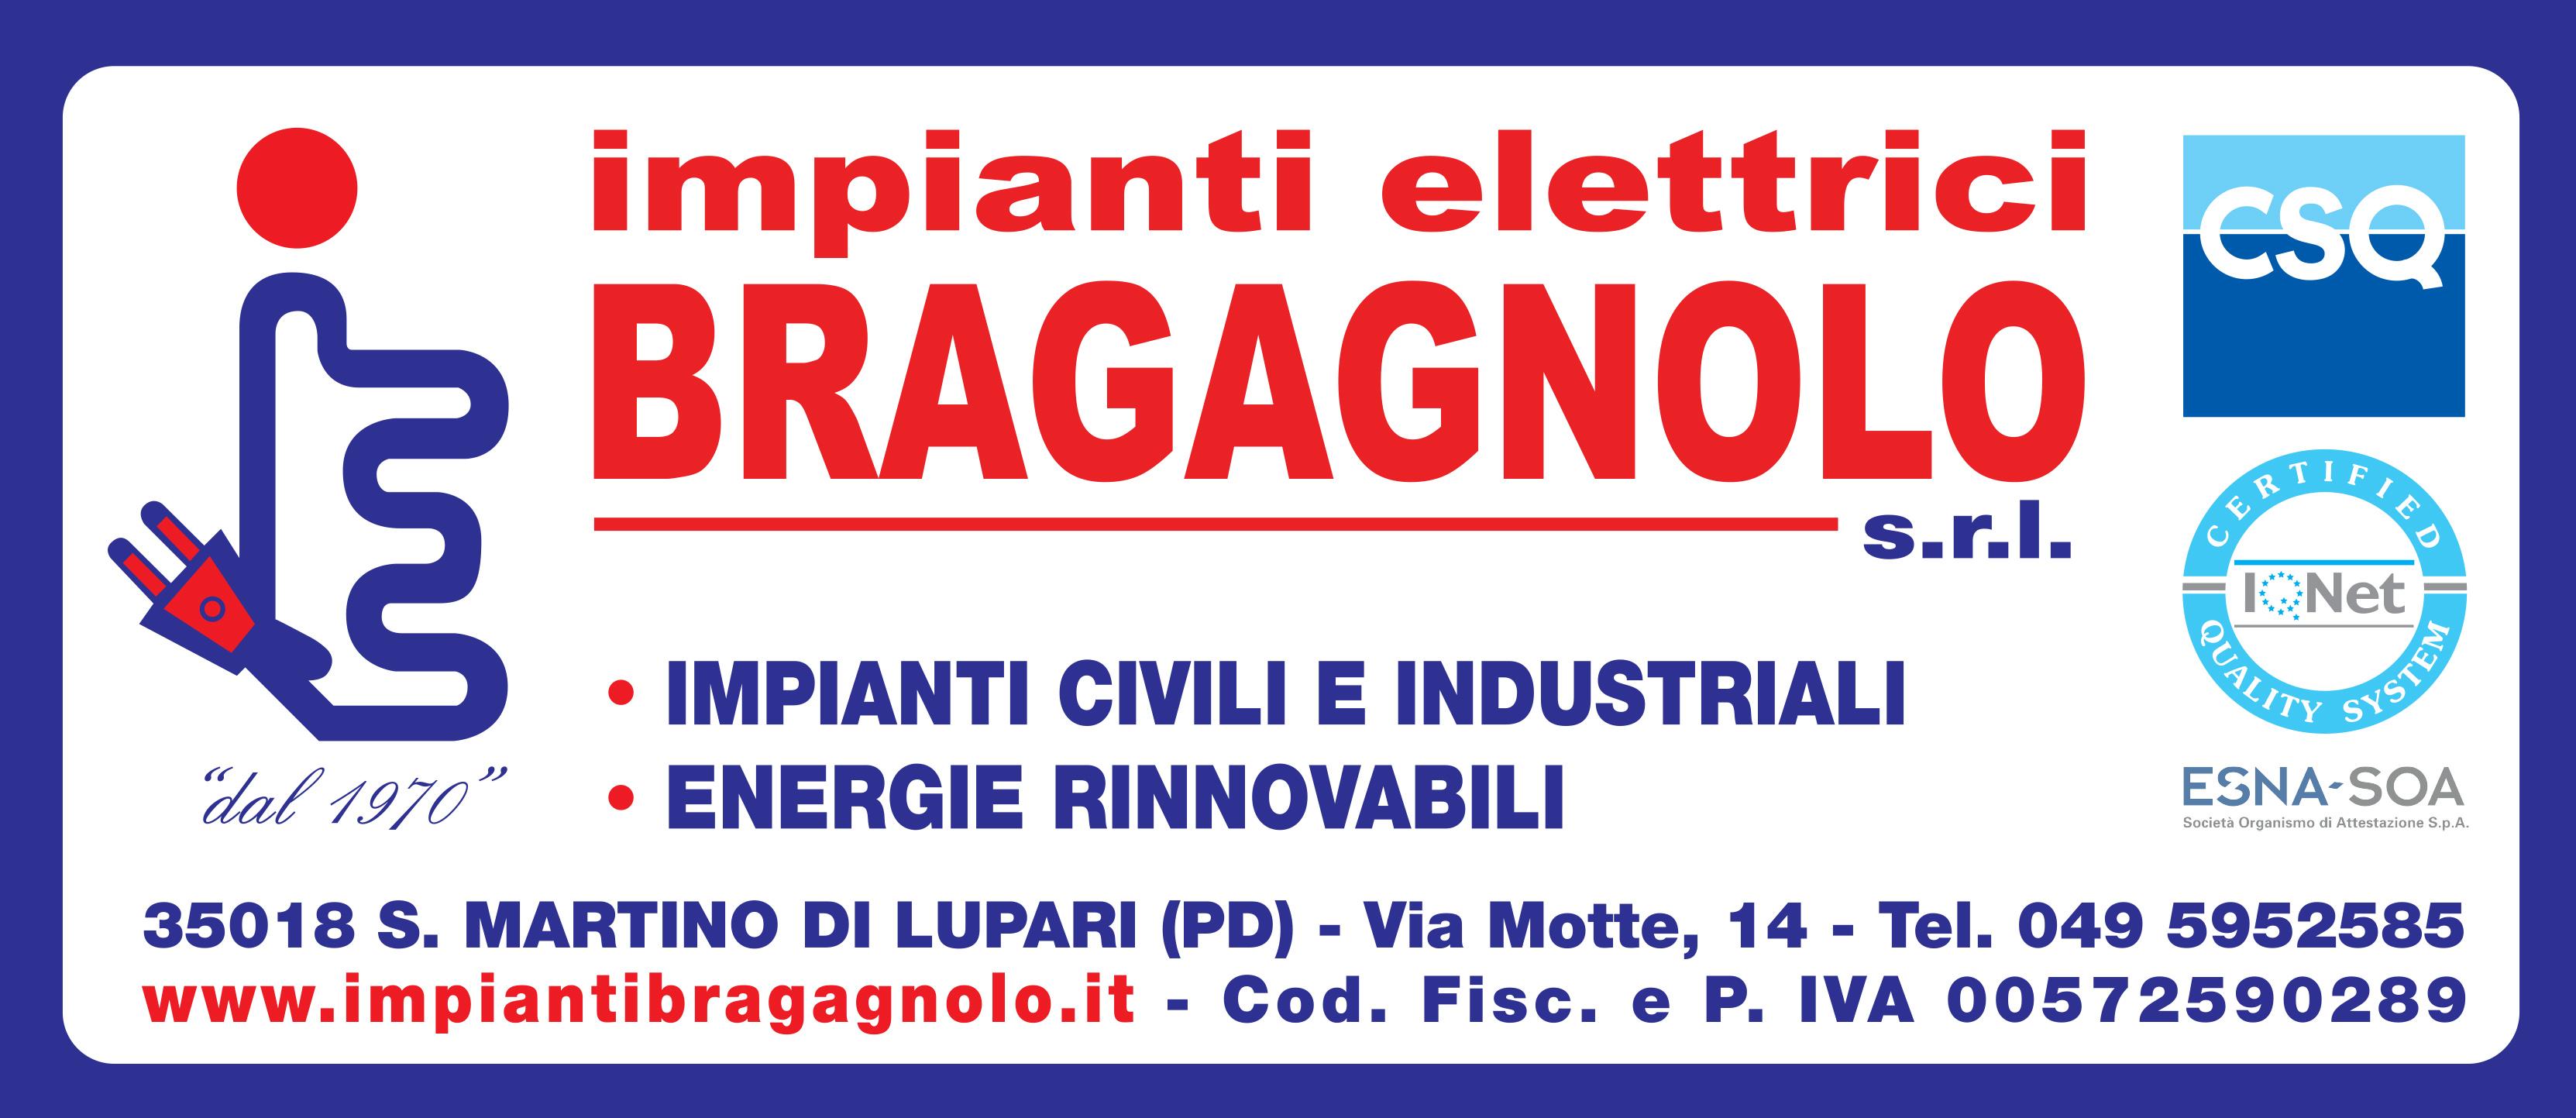 Bragagnolo logo aggiornato ok